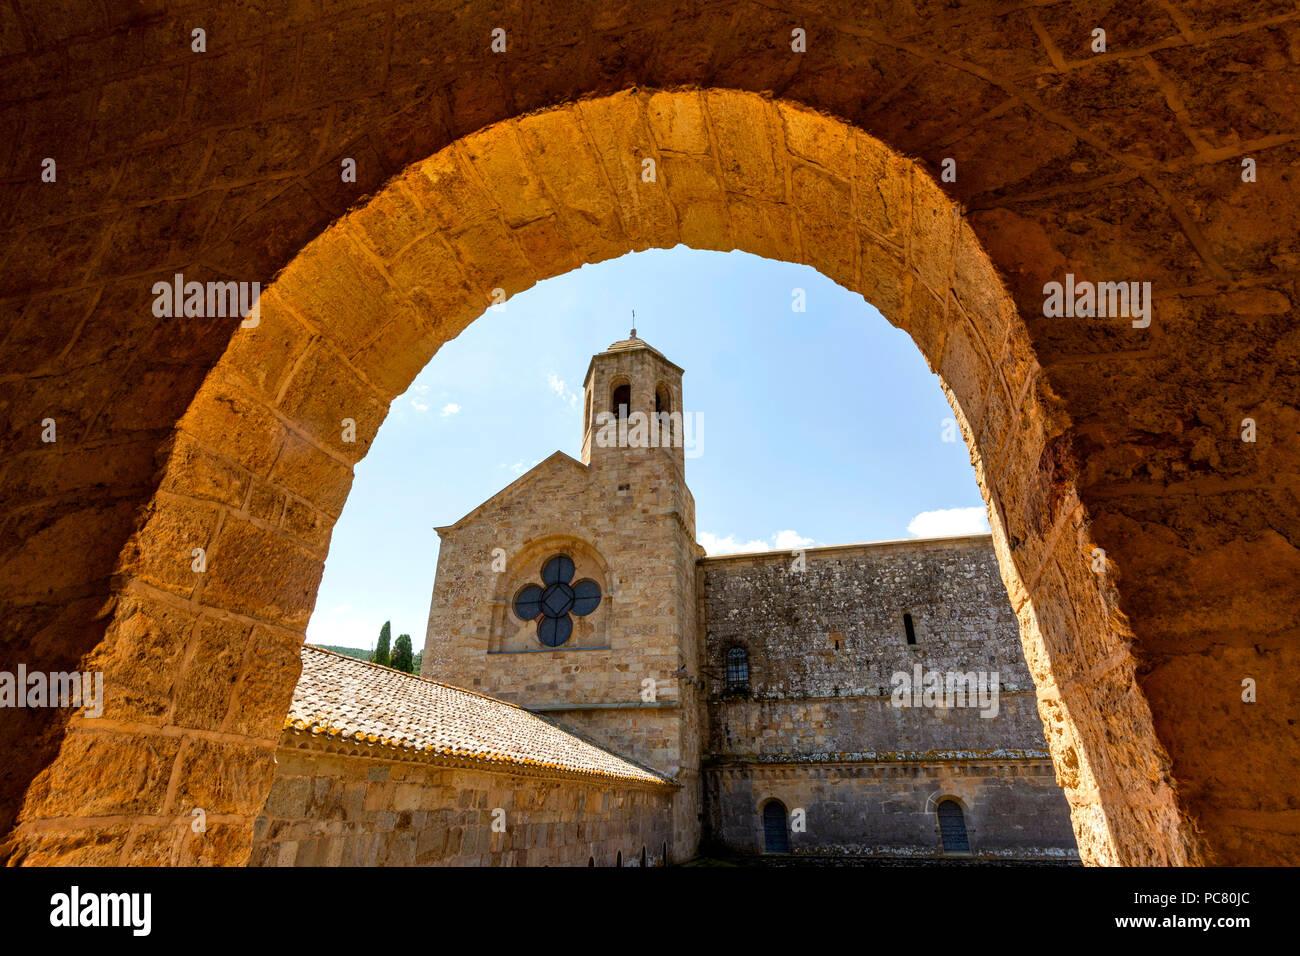 Abbaye Sainte-Marie de Fontfroide ou Abbaye de Fontfroide près de Narbonne, Aude, Occitanie, France, Europe de l'Ouest Banque D'Images